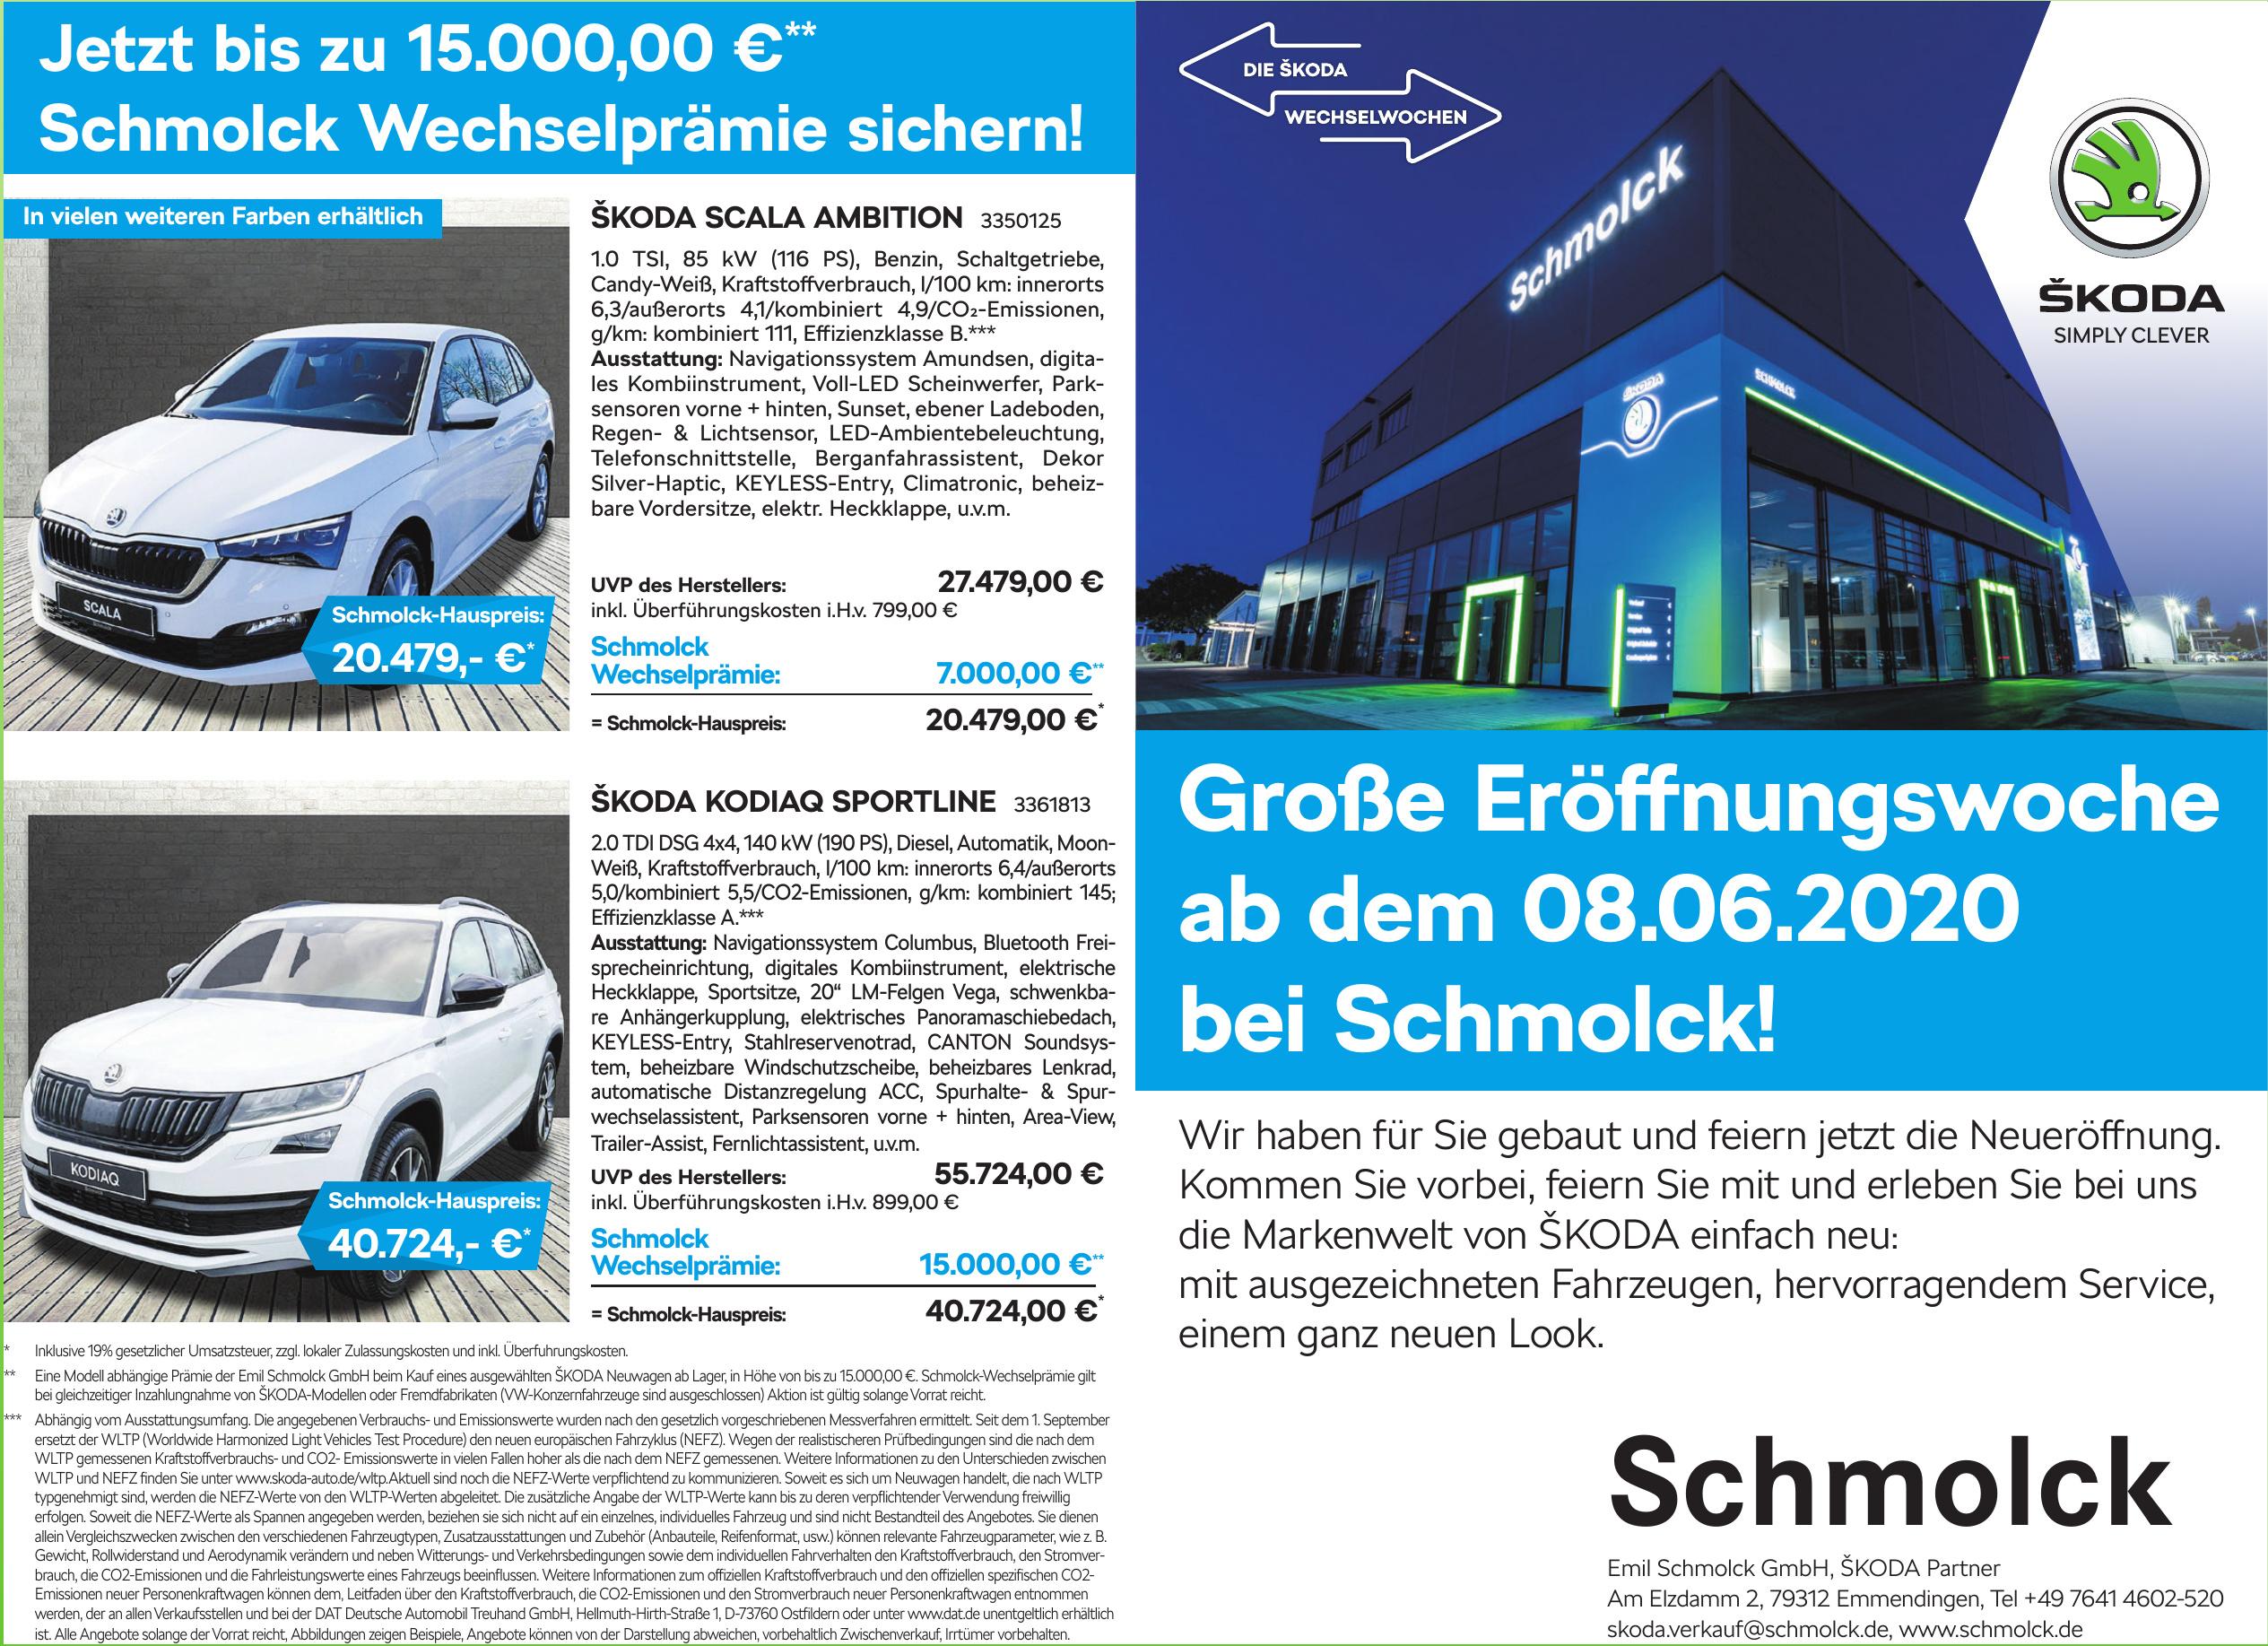 Schmolck GmbH & Co. KG